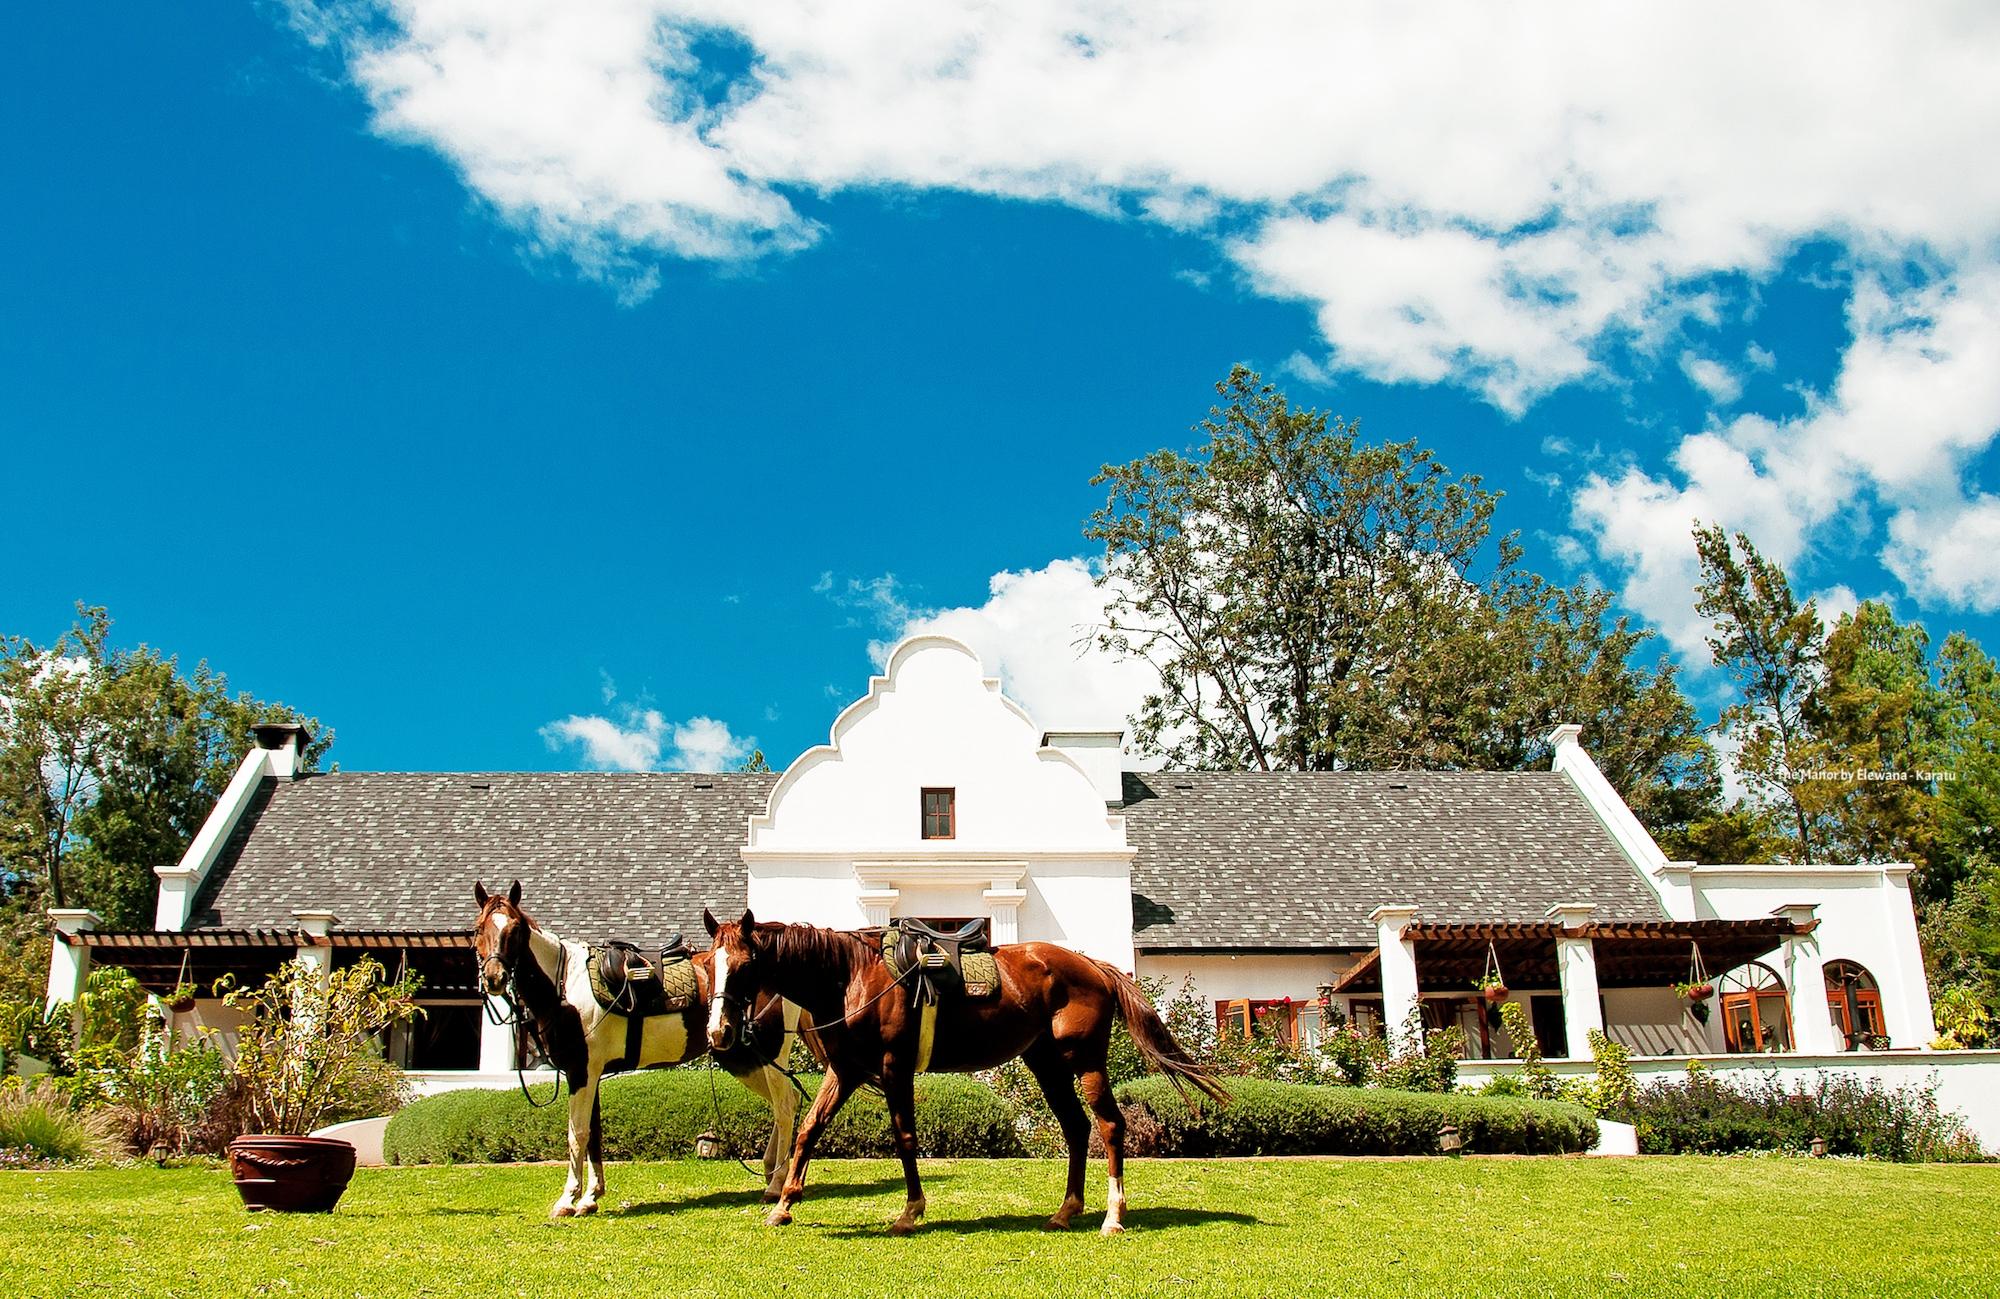 elewana_the_manor_main_house.jpg